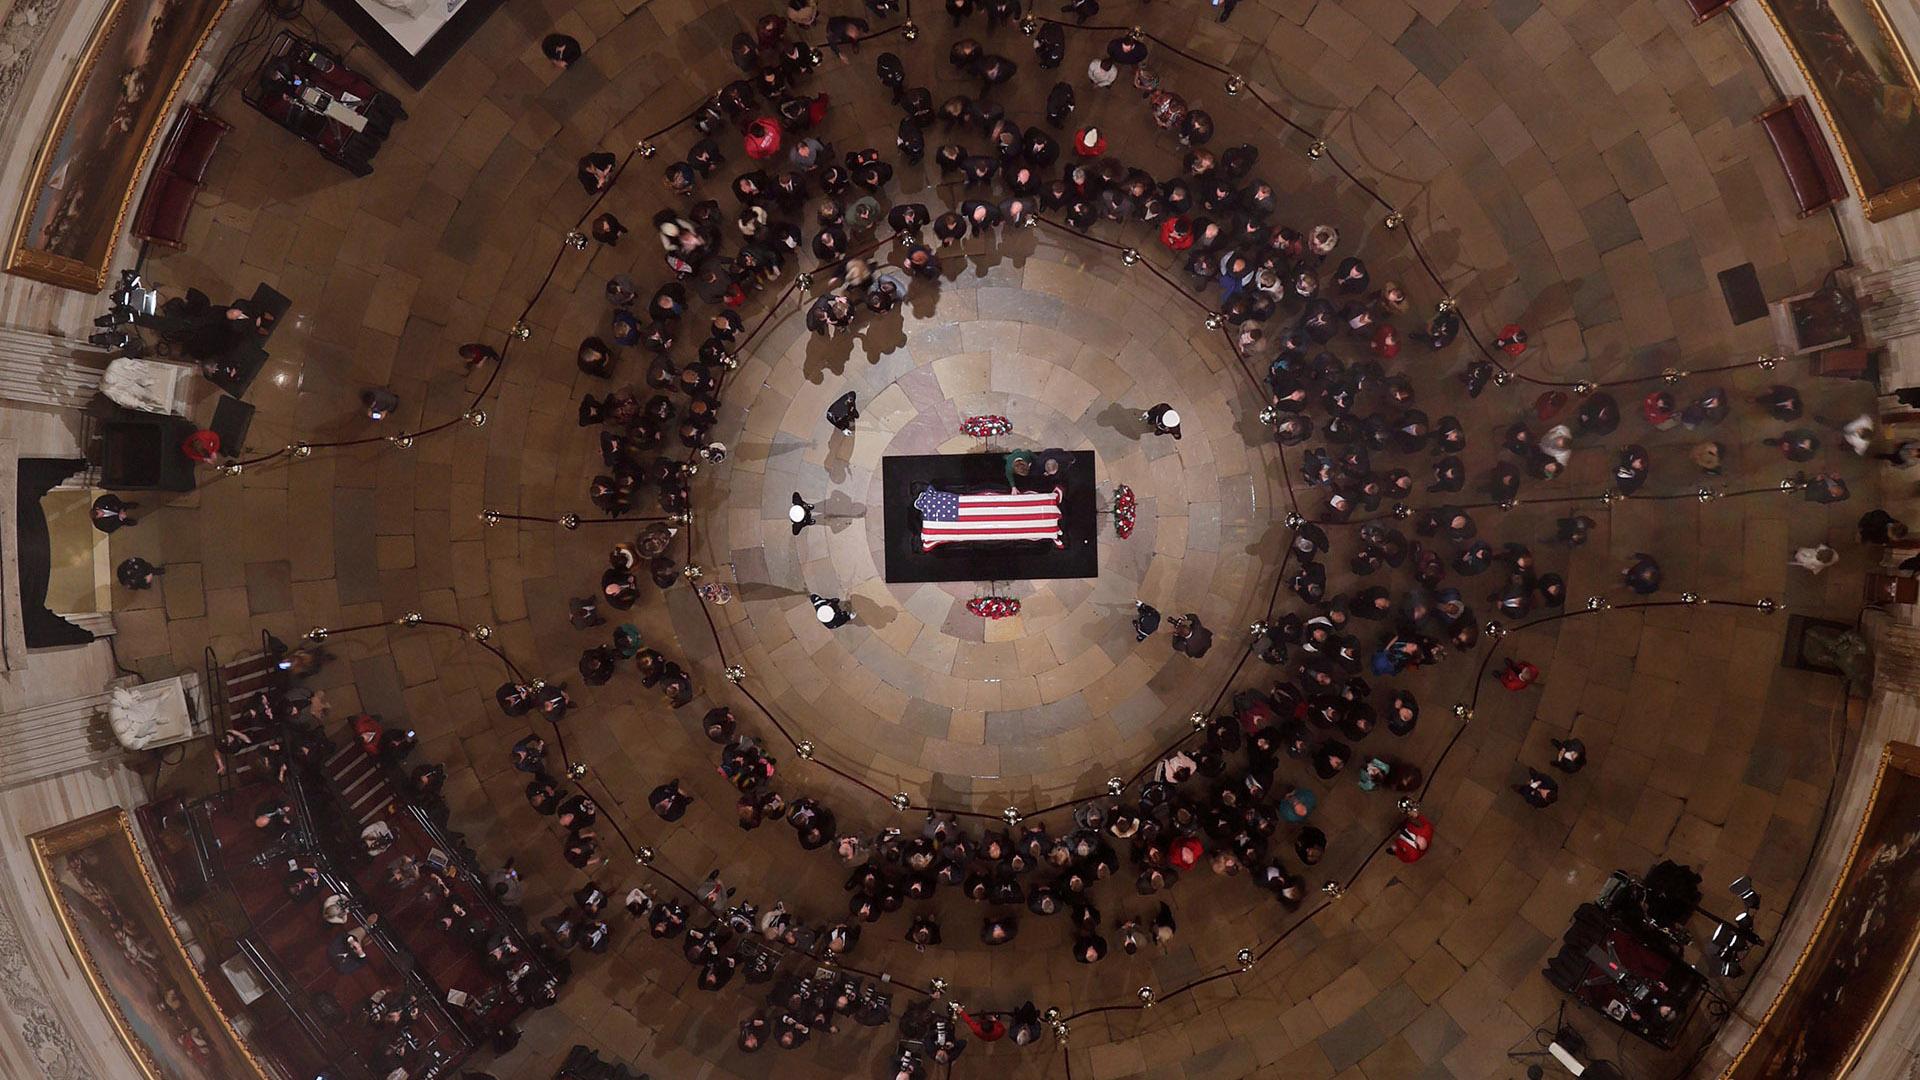 Centenares de personas se acercaron al Capitolio en Washington, DC, para despedir los restos del ex presidente George H.W. Bush el 3 de diciembre